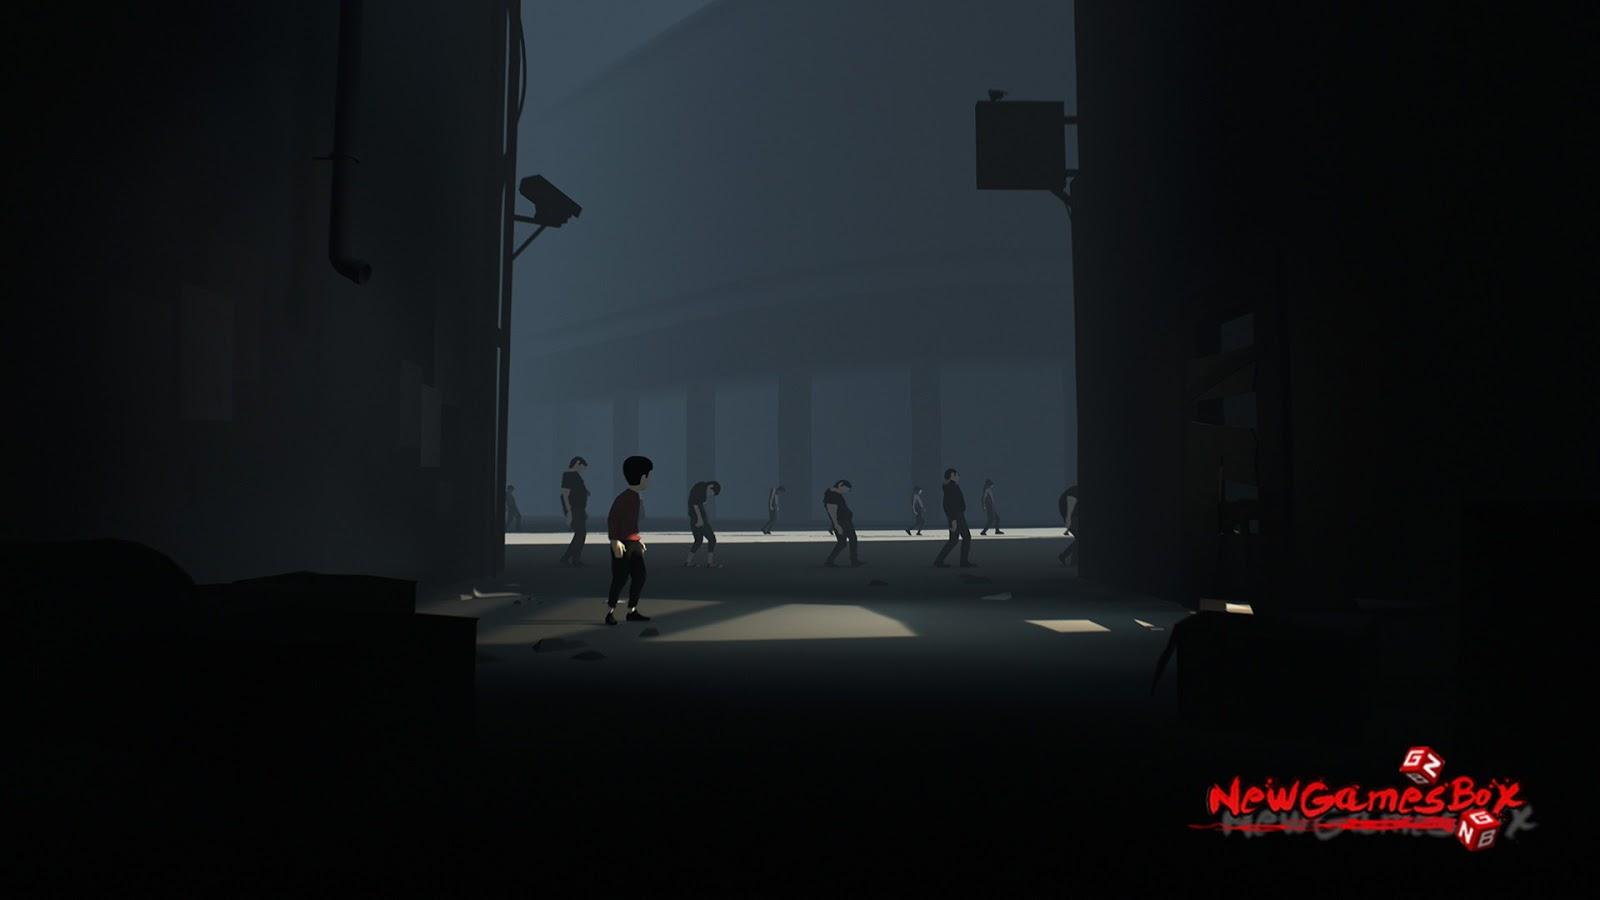 Inside скачать игру